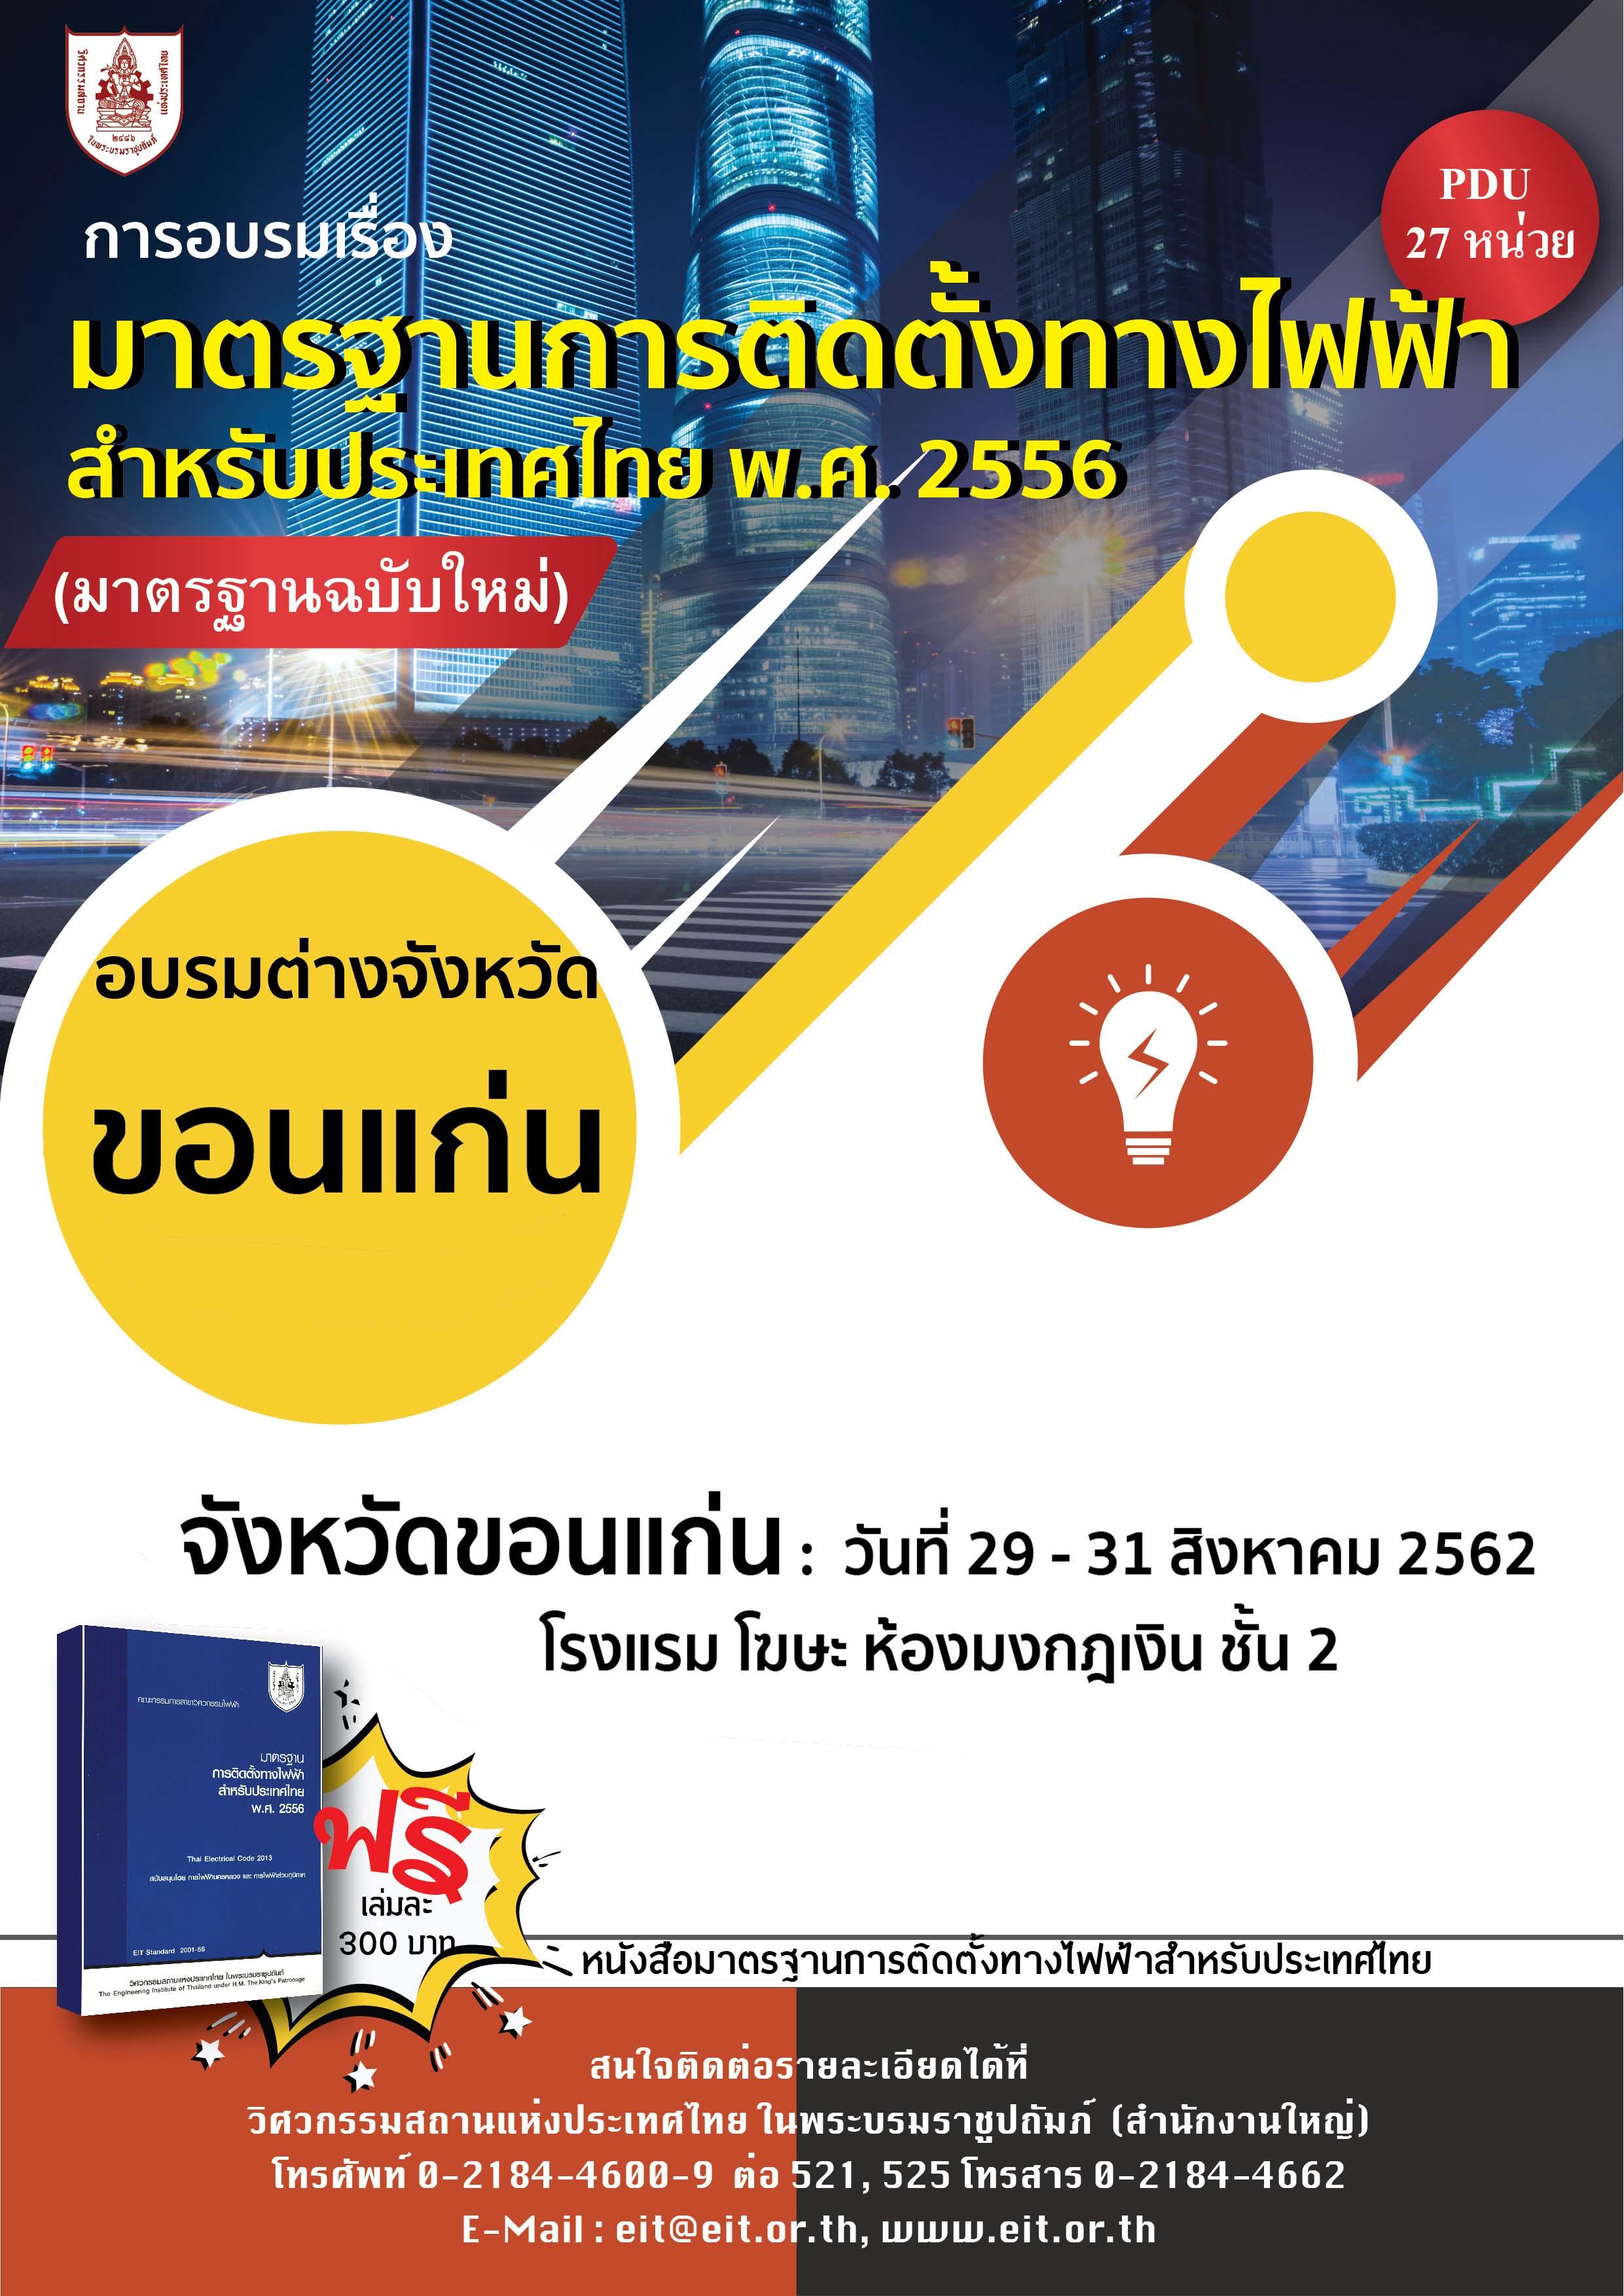 การอบรมเรื่อง  มาตรฐานการติดตั้งทางไฟฟ้าสำหรับประเทศไทย (มาตรฐานฉบับใหม่) จ.ขอนแก่น ปี 2562